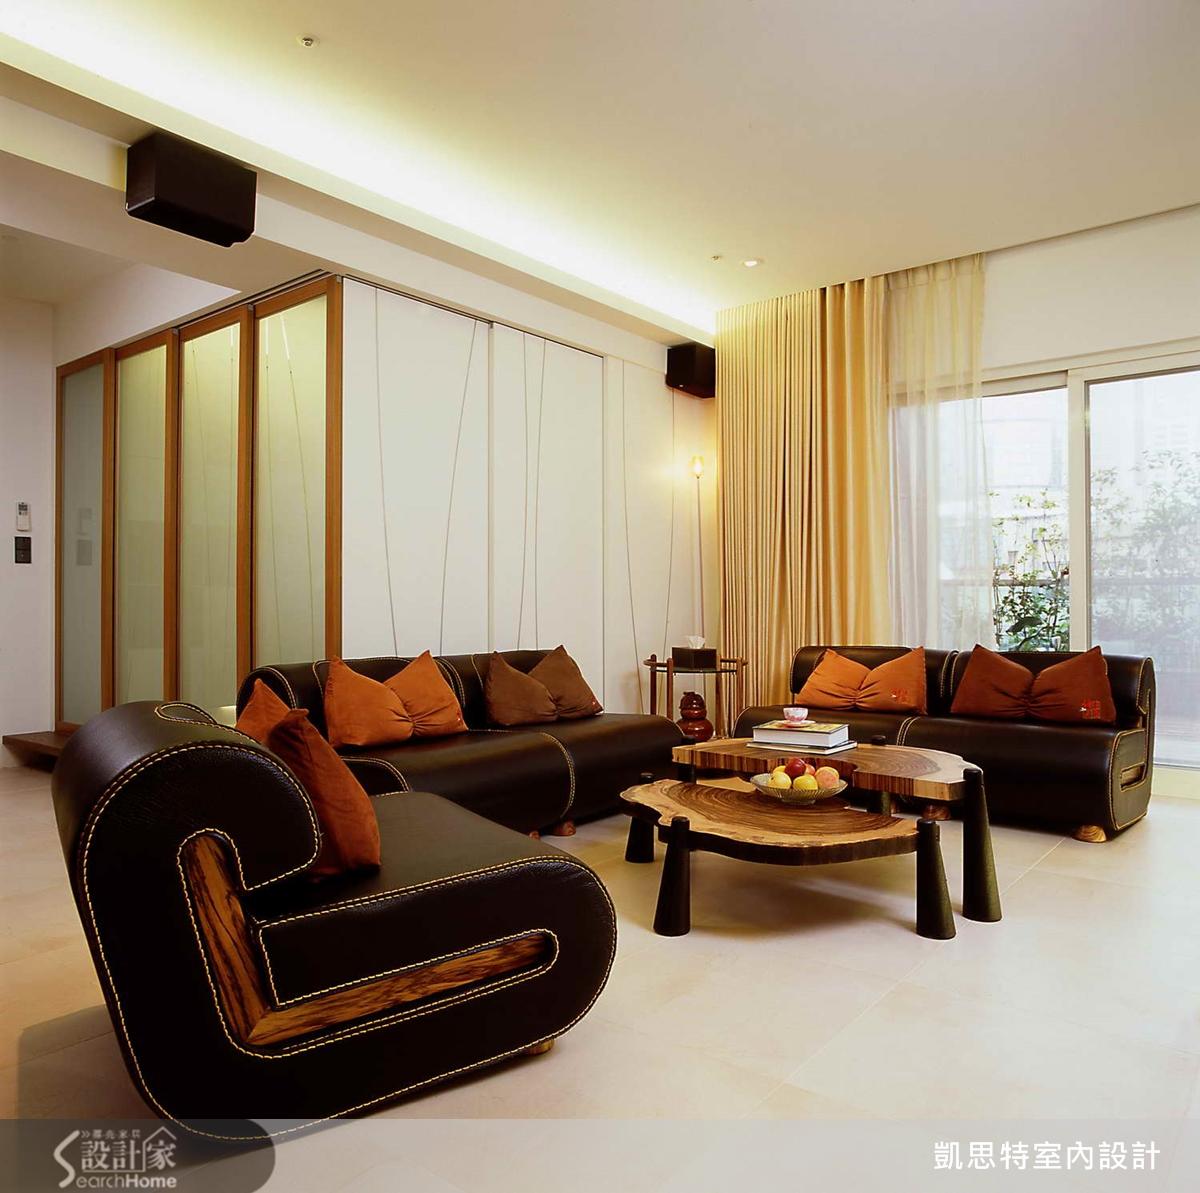 摩登雅舍室內裝修設計有限公司 Modern elegant house & …圖